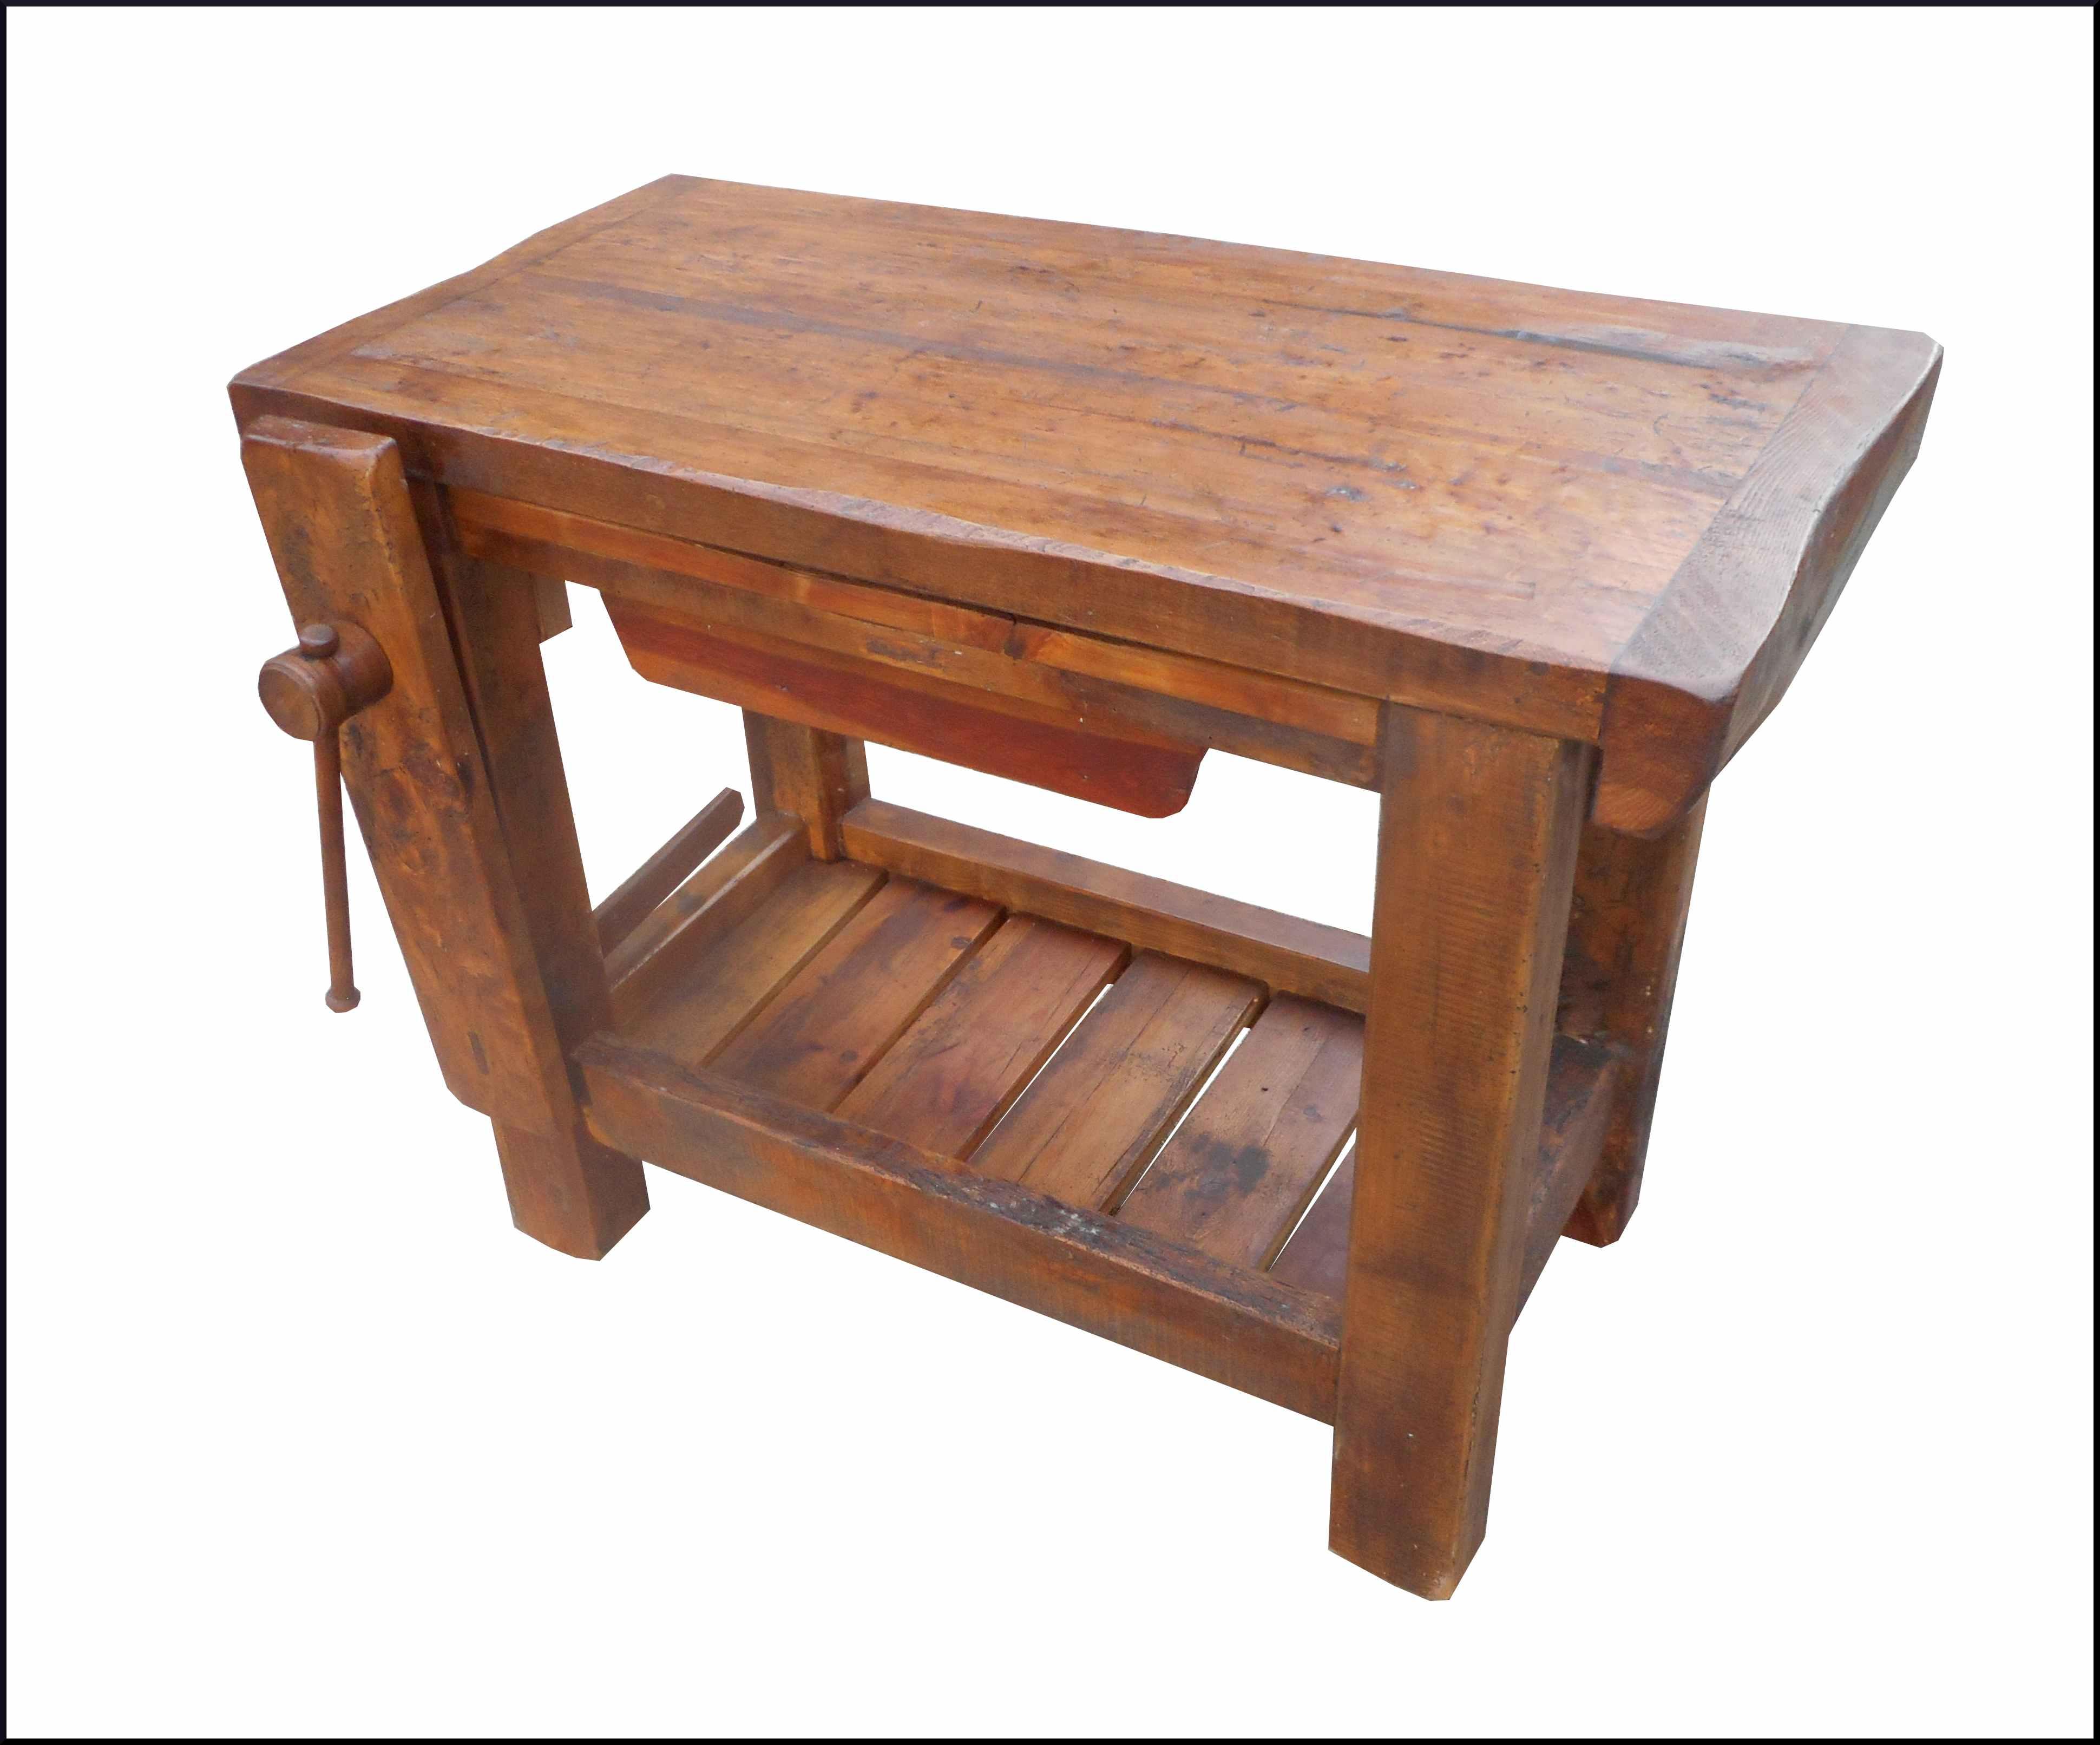 News mobili antichi restaurati e riprodotti la commode di davide corno - Tavolo da falegname vendita ...